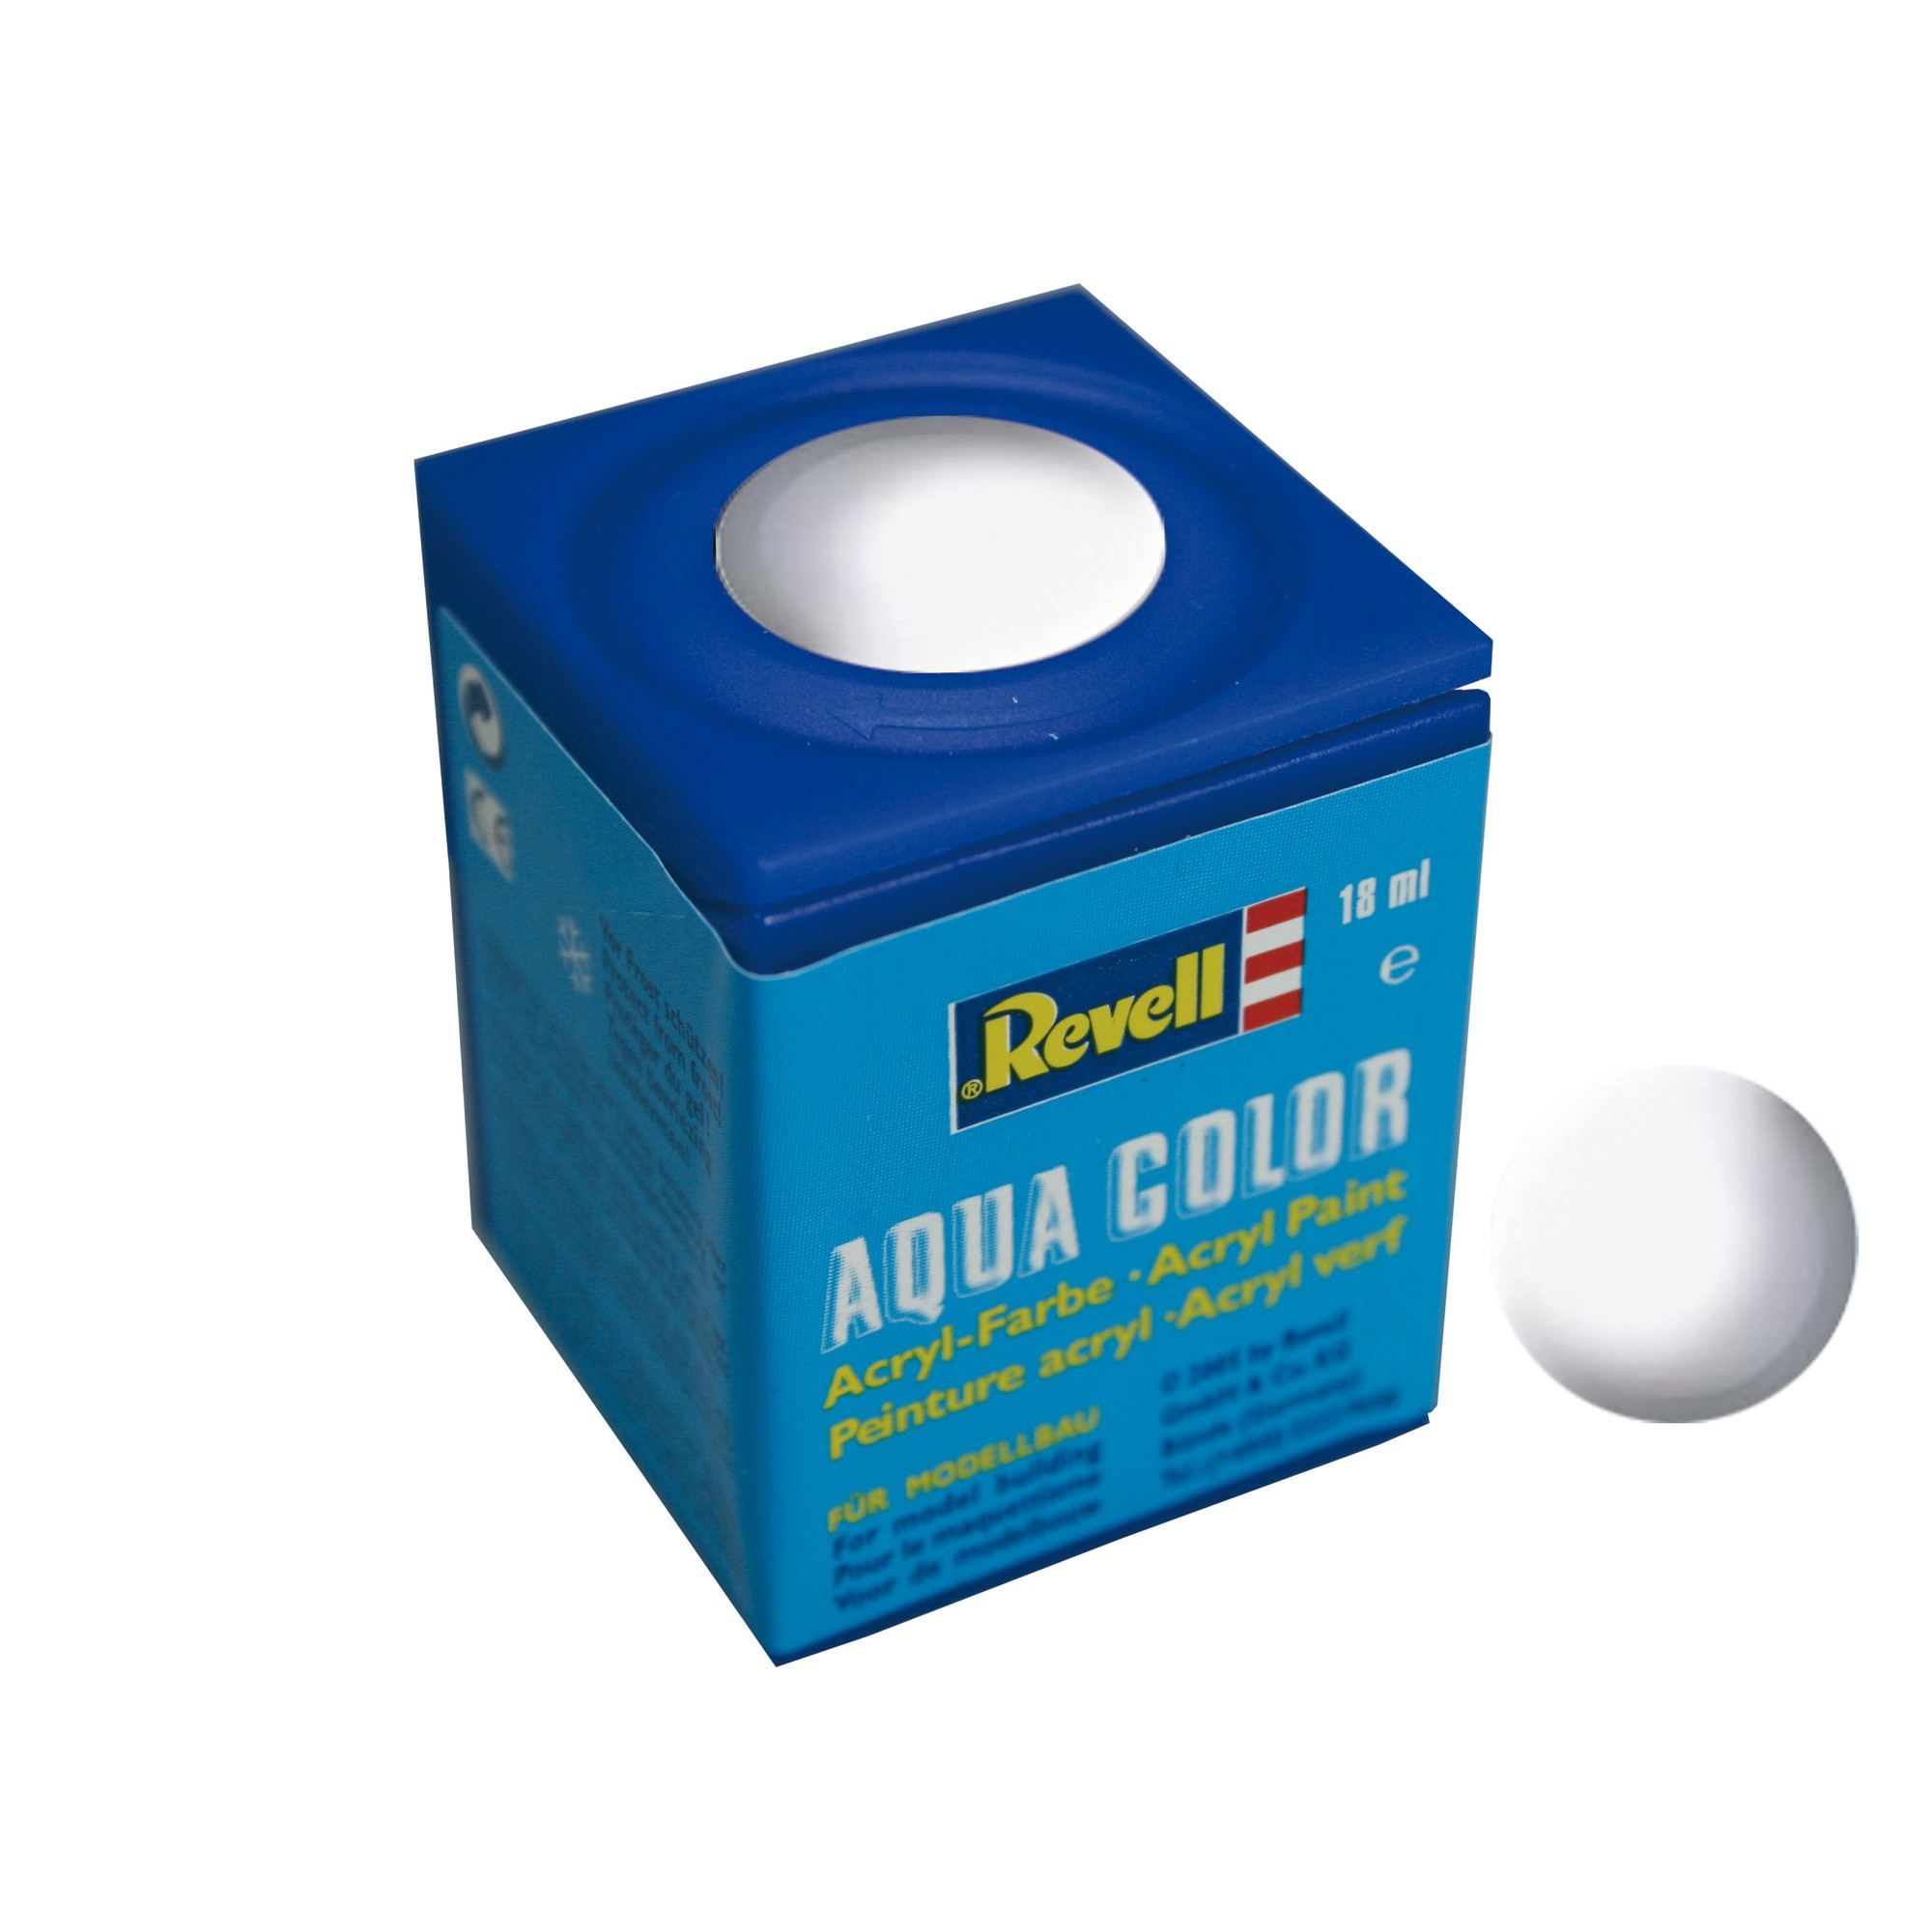 Revell Aqua Color matt weiß